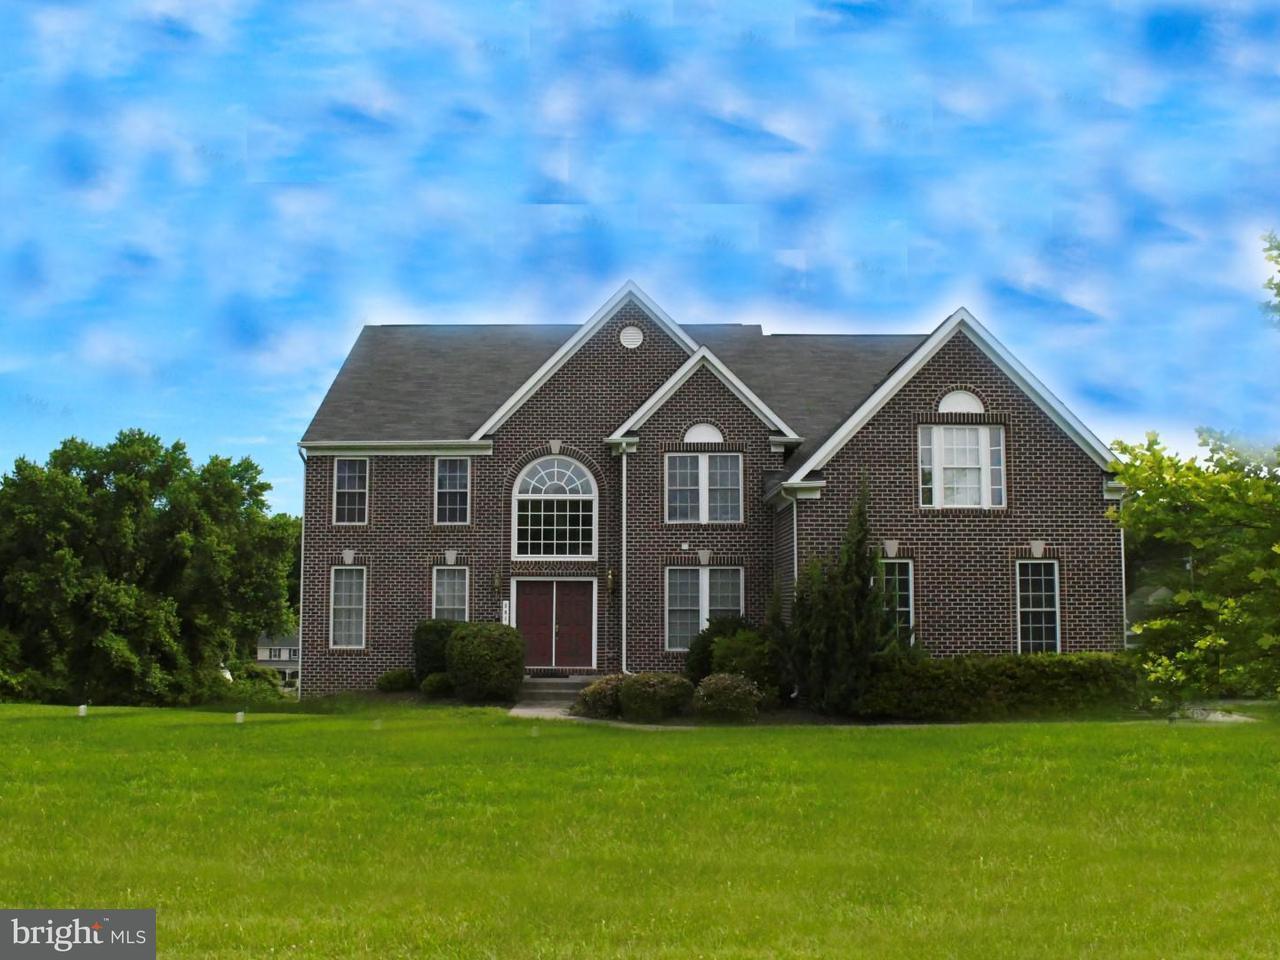 一戸建て のために 売買 アット 3014 Edrich Way 3014 Edrich Way Randallstown, メリーランド 21133 アメリカ合衆国